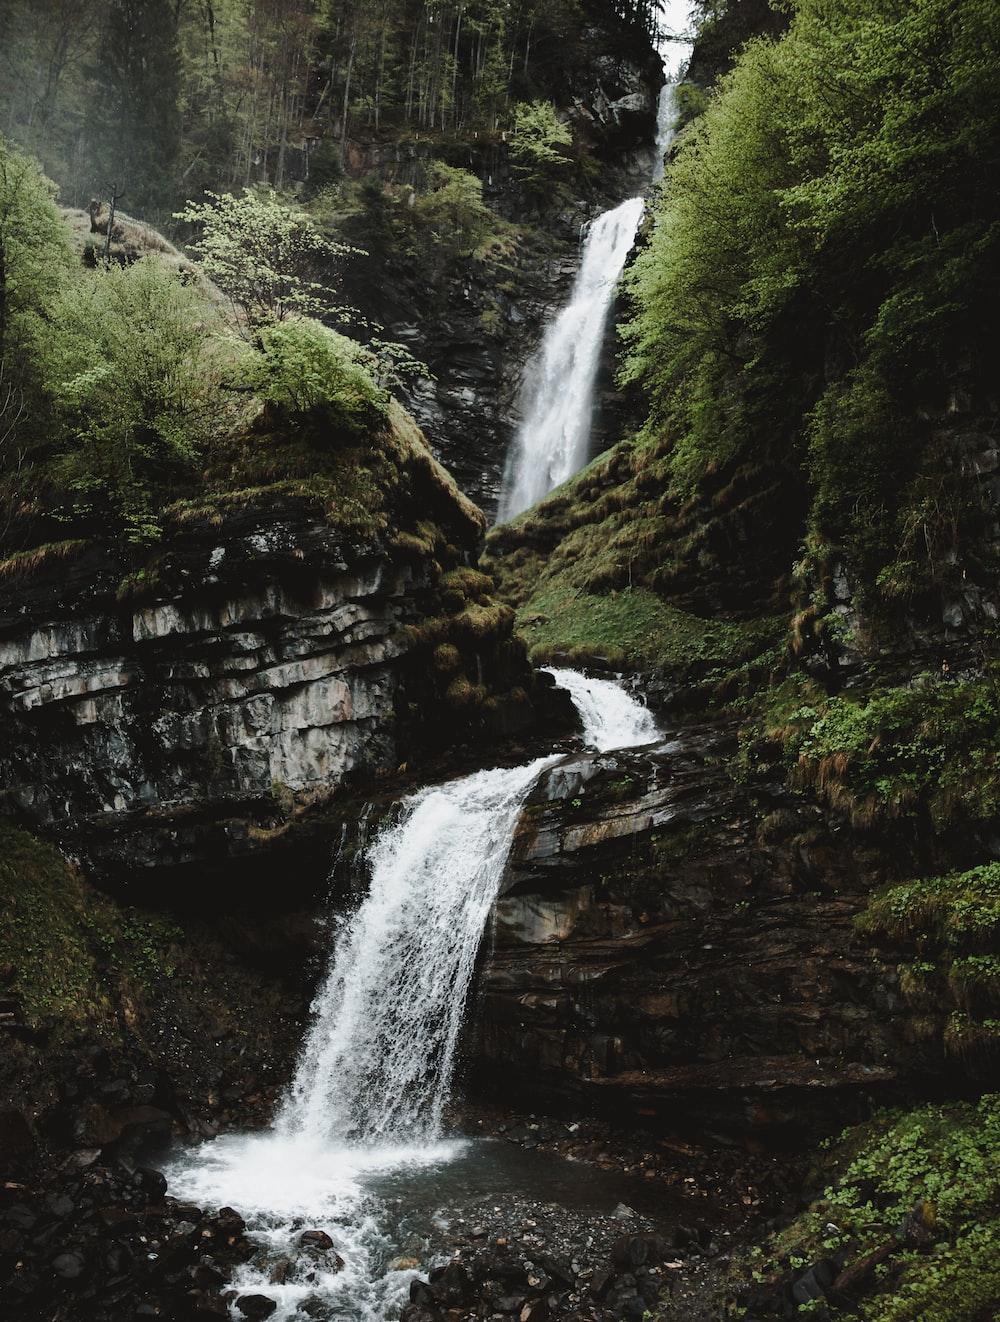 3-layer waterfall taken at daytime